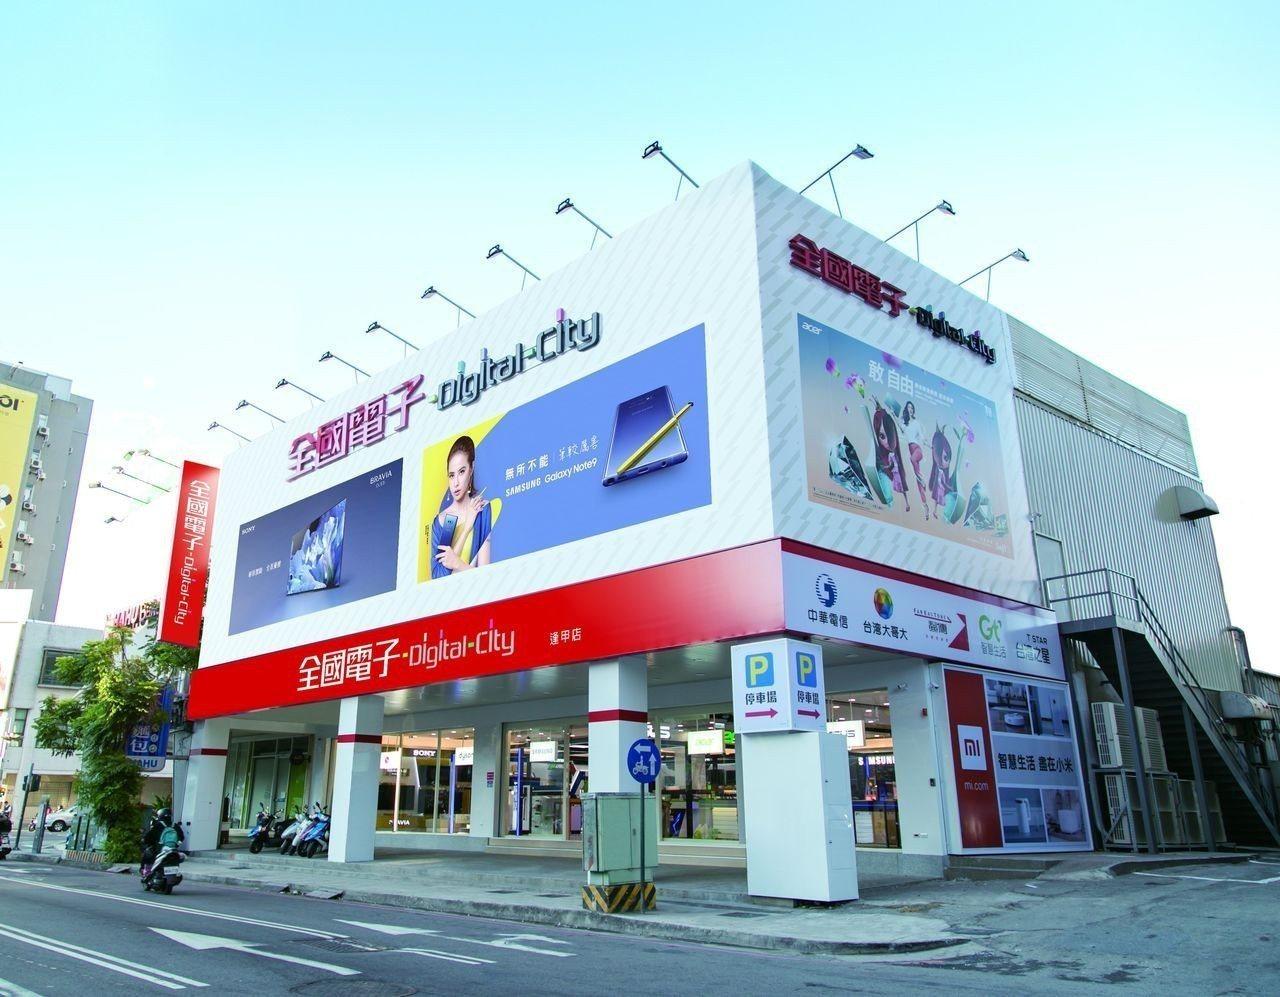 全國電子Digital City逢甲店開幕,共有六家門市,今年業績挑戰佔比二位數...